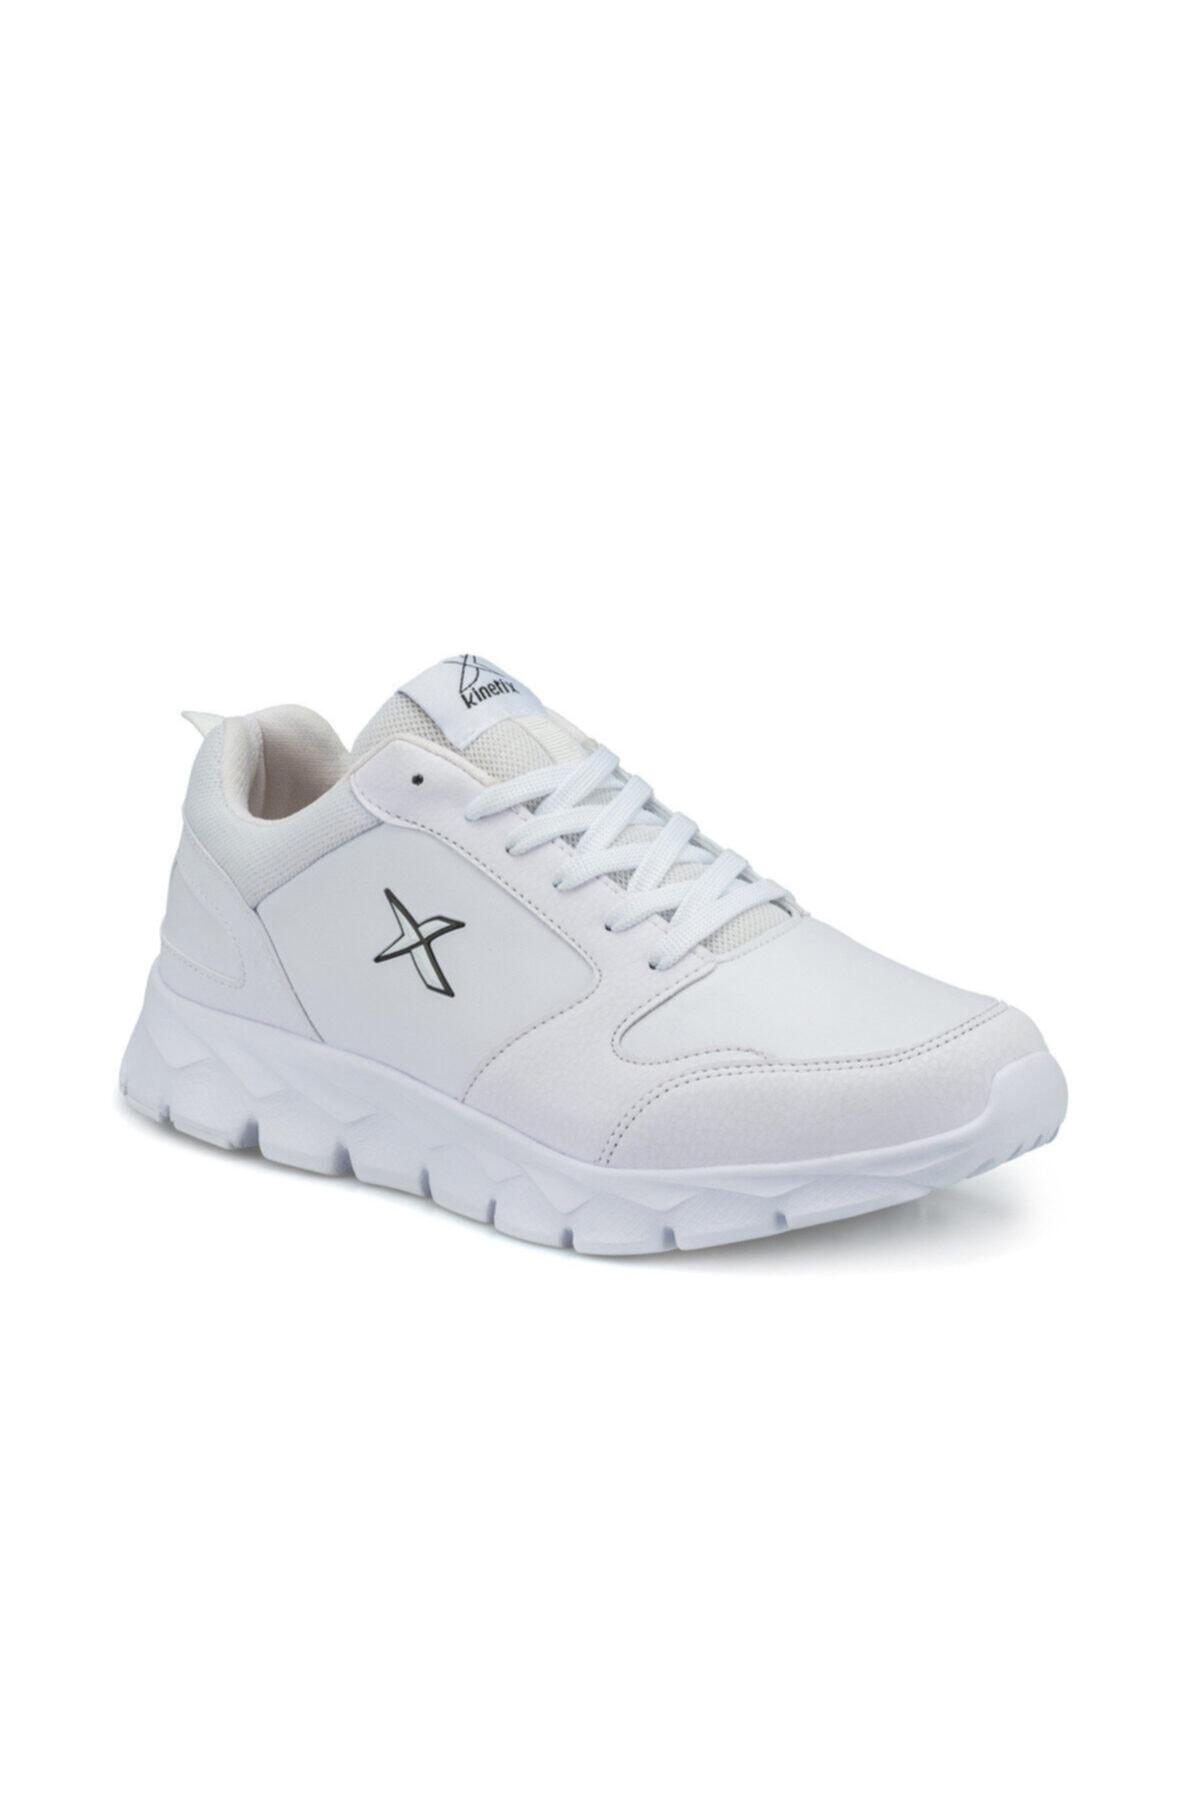 کفش مخصوص دویدن مردانه مارک برند کینتیکس kinetix کد ty36945200